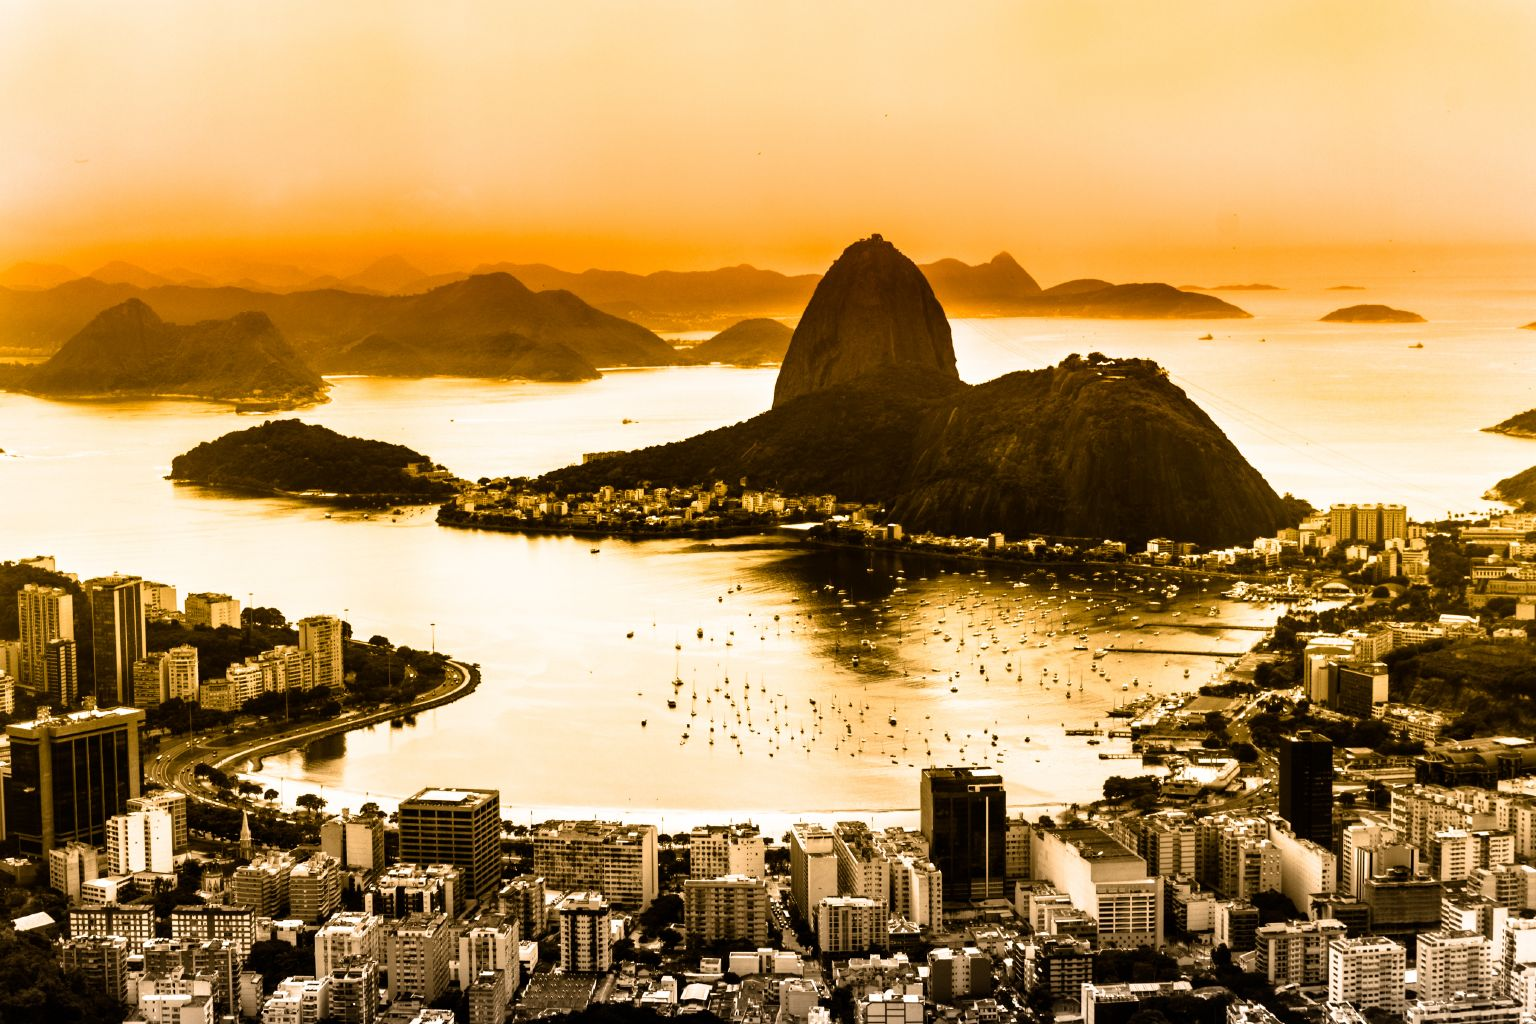 Letenky do Brazílie od 8475 Kč